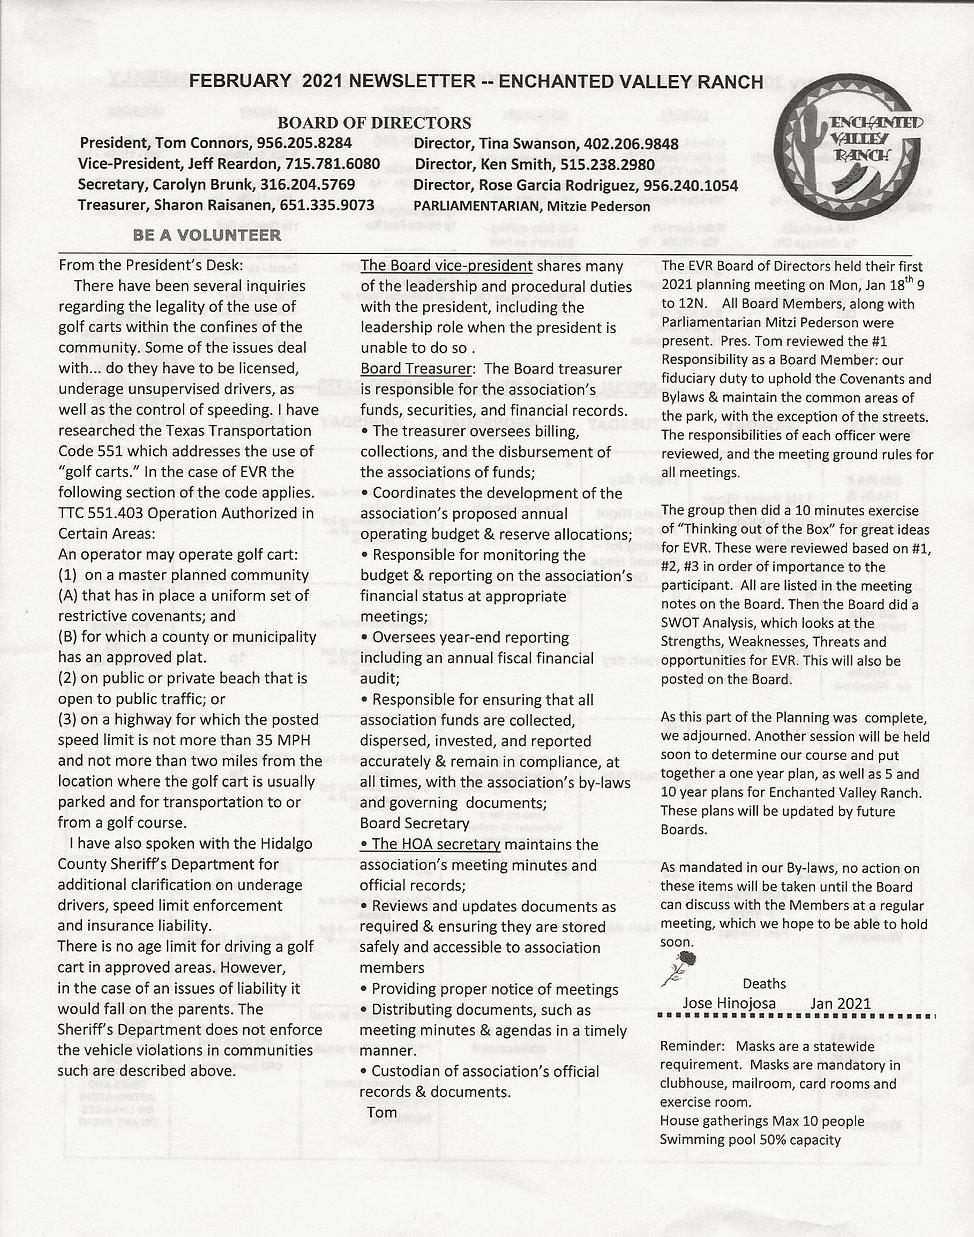 Newsletter Feb 2021 JPG.jpg